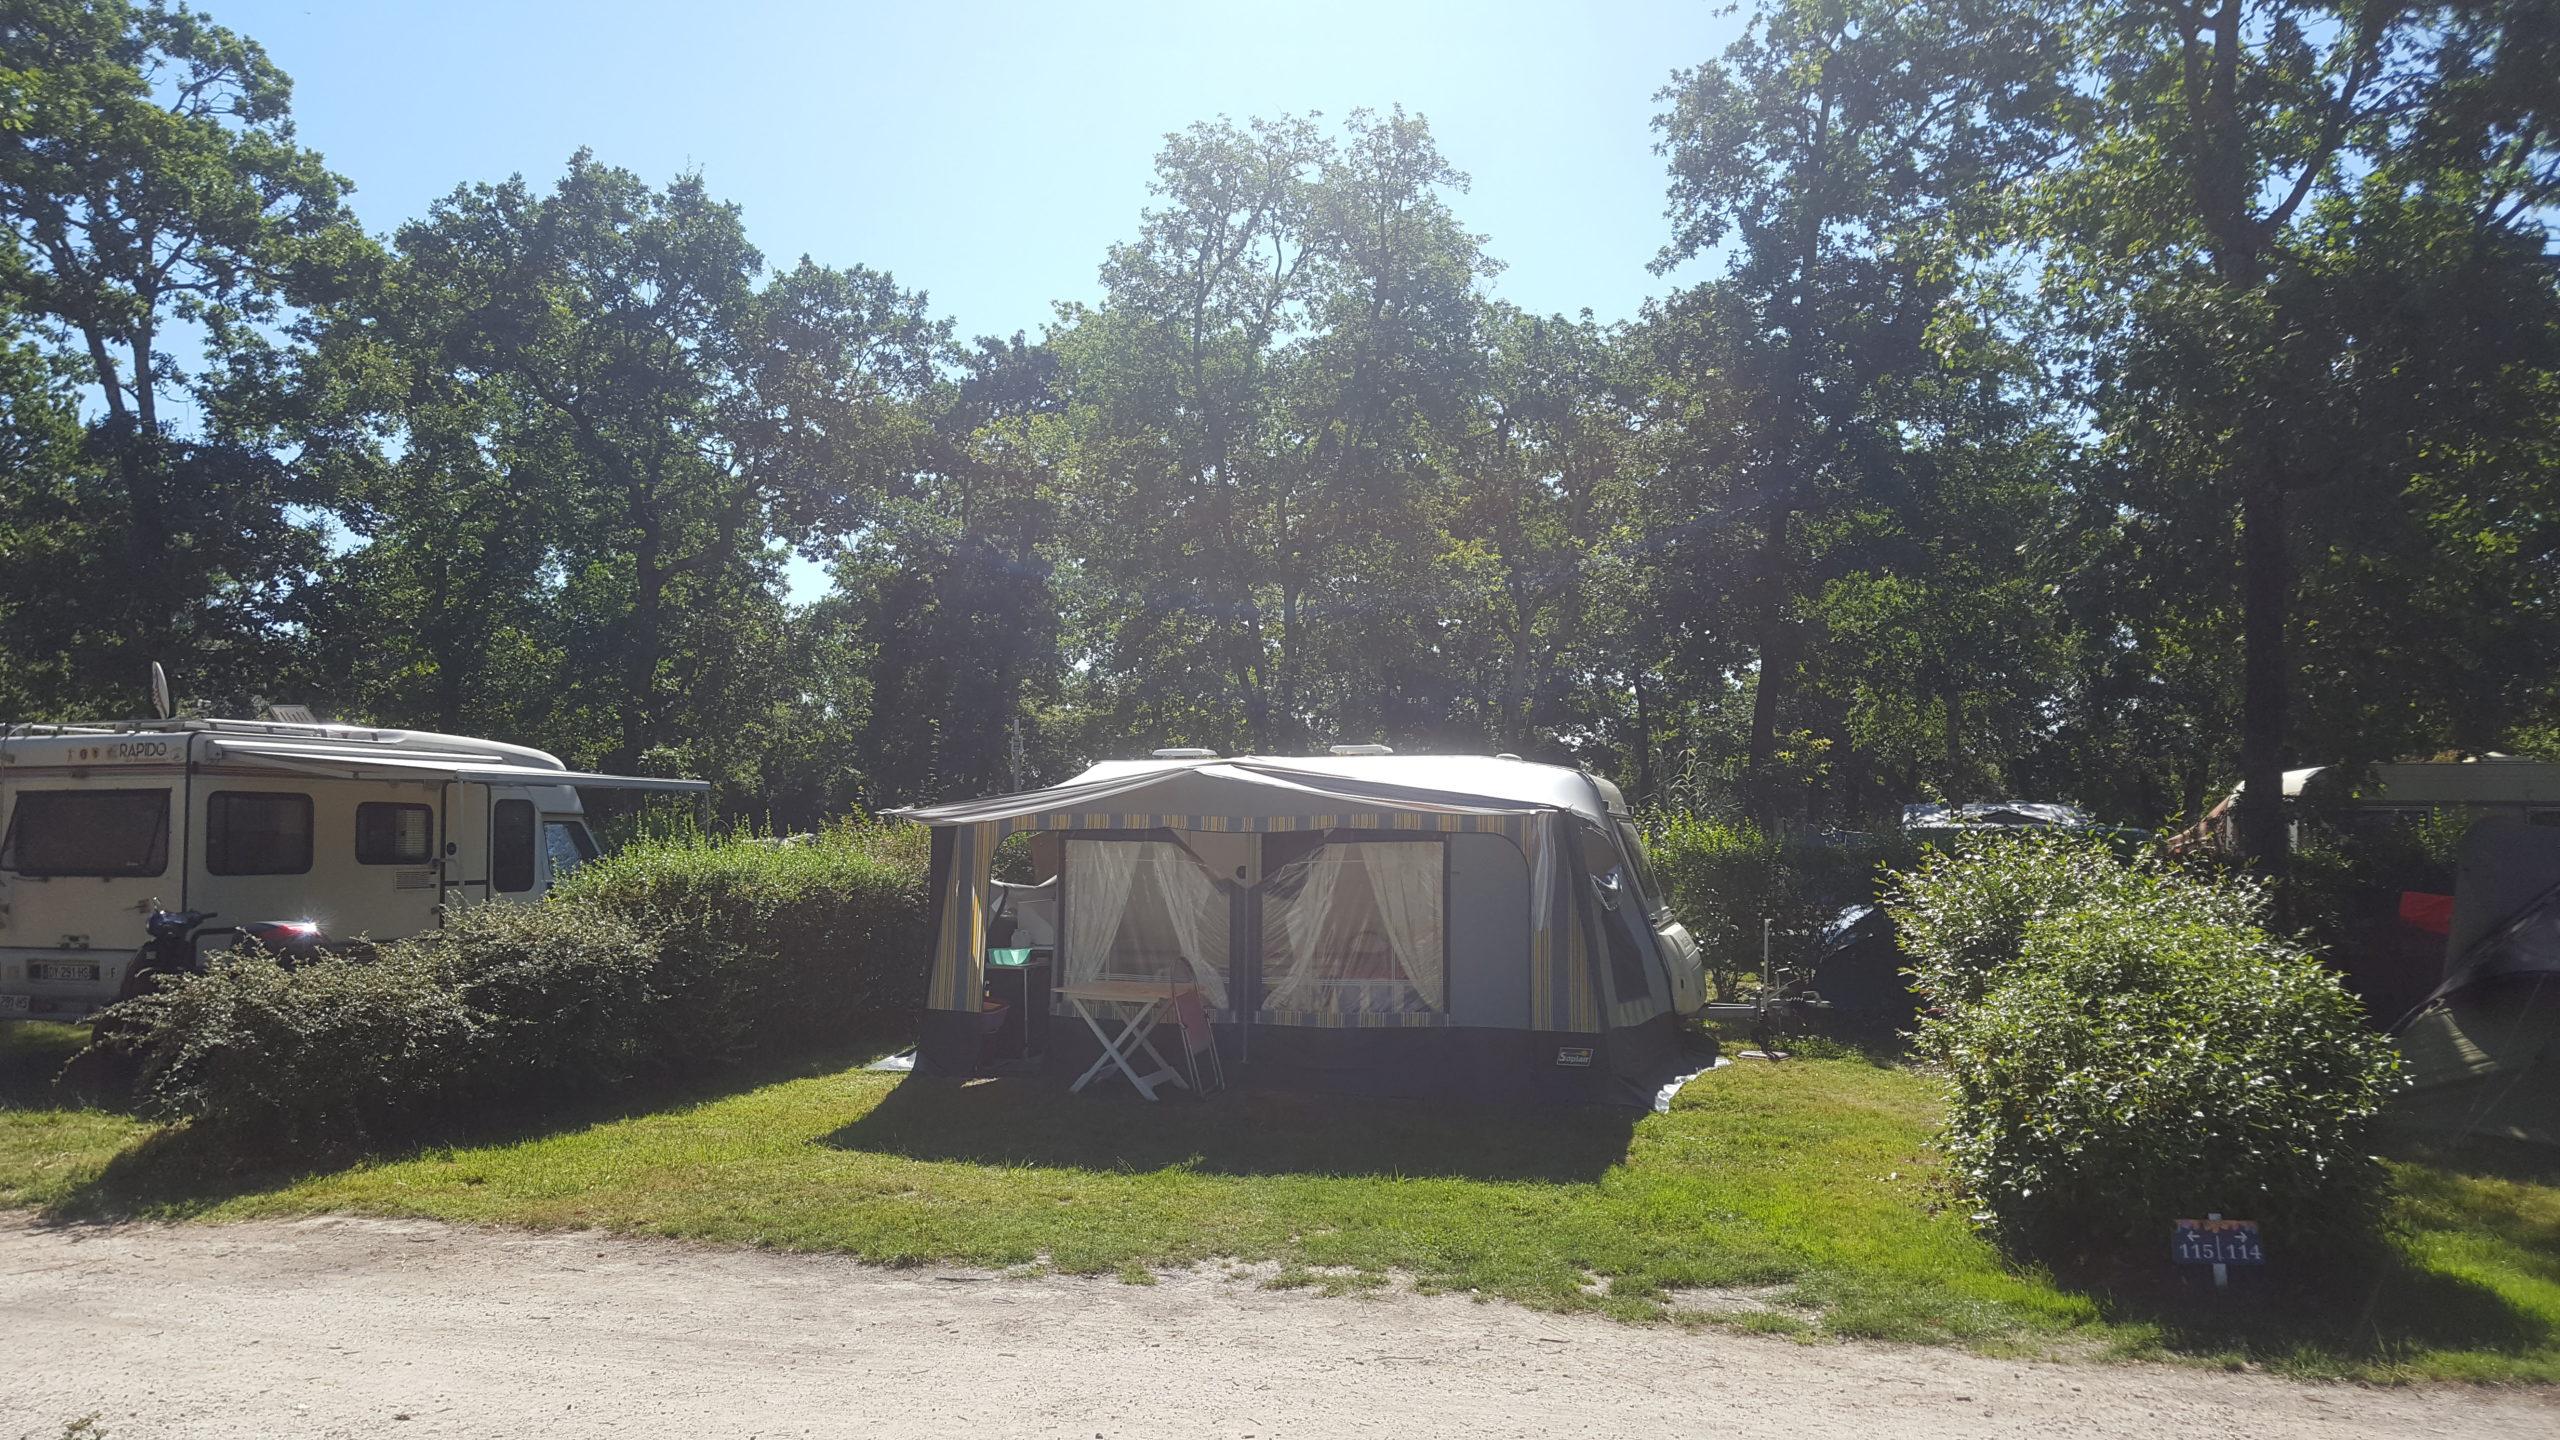 Camping Ile D'Oléron | Camping À Dolus D'Oléron, Charente ... avec Camping Ile D Oléron 3 Étoiles Avec Piscine